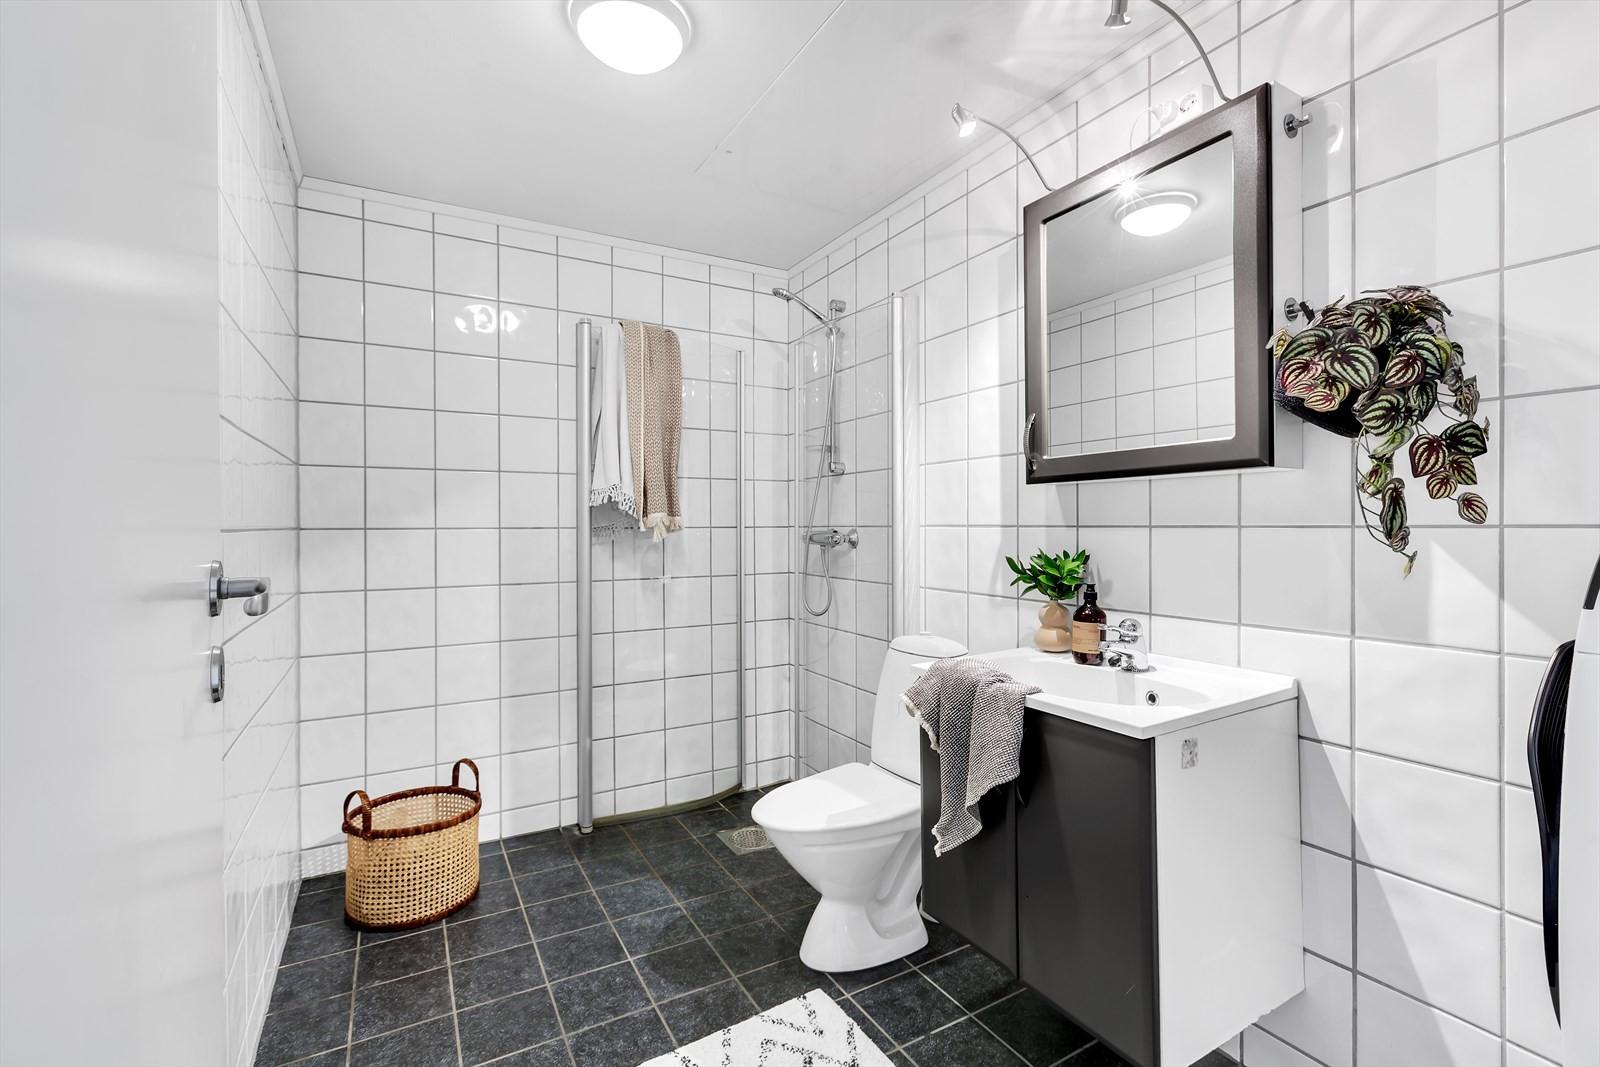 Komplett flislagt badrom m/ dusjhjørne.